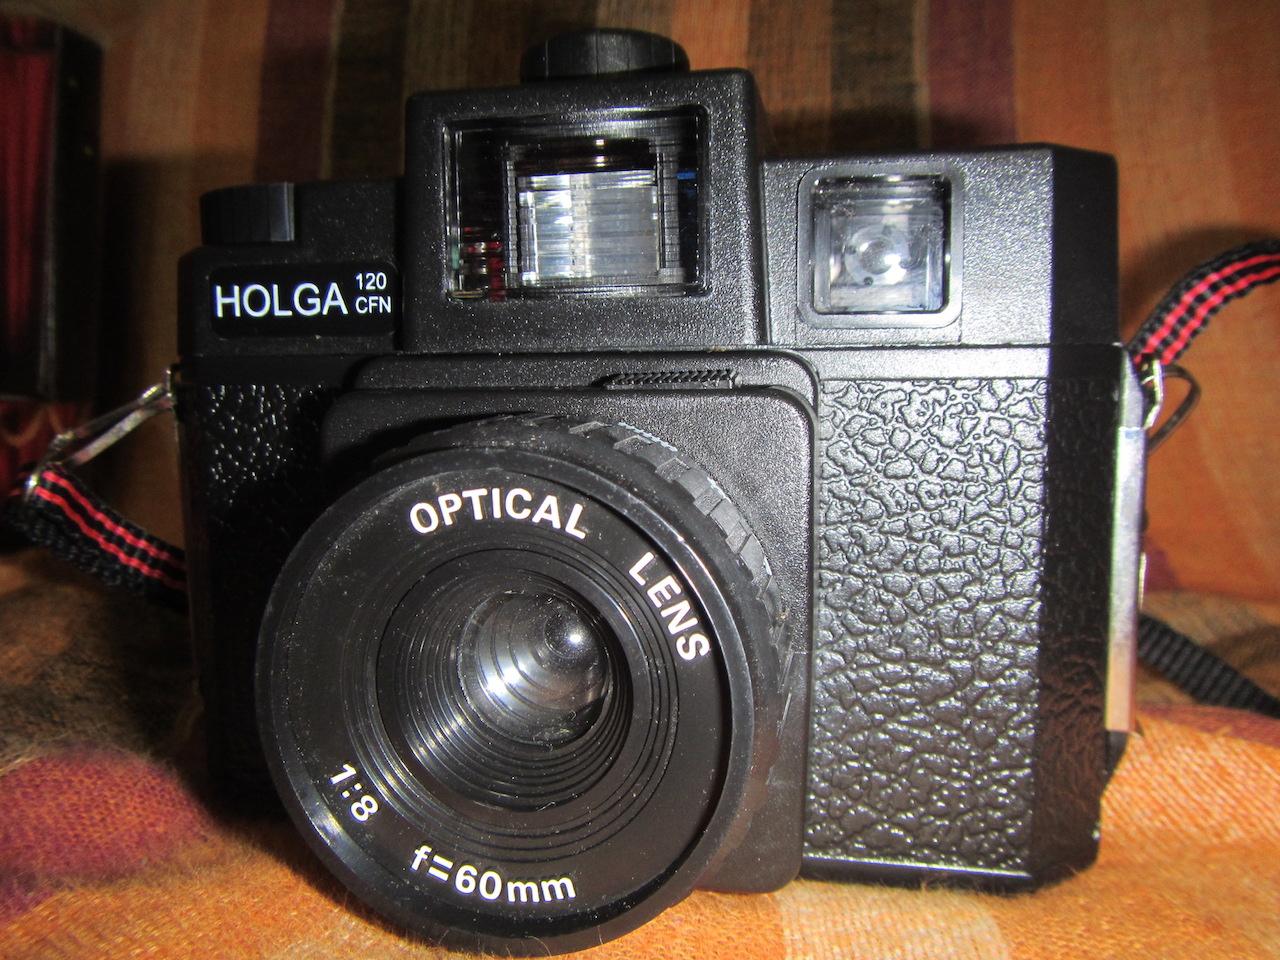 Holga 120 CFN